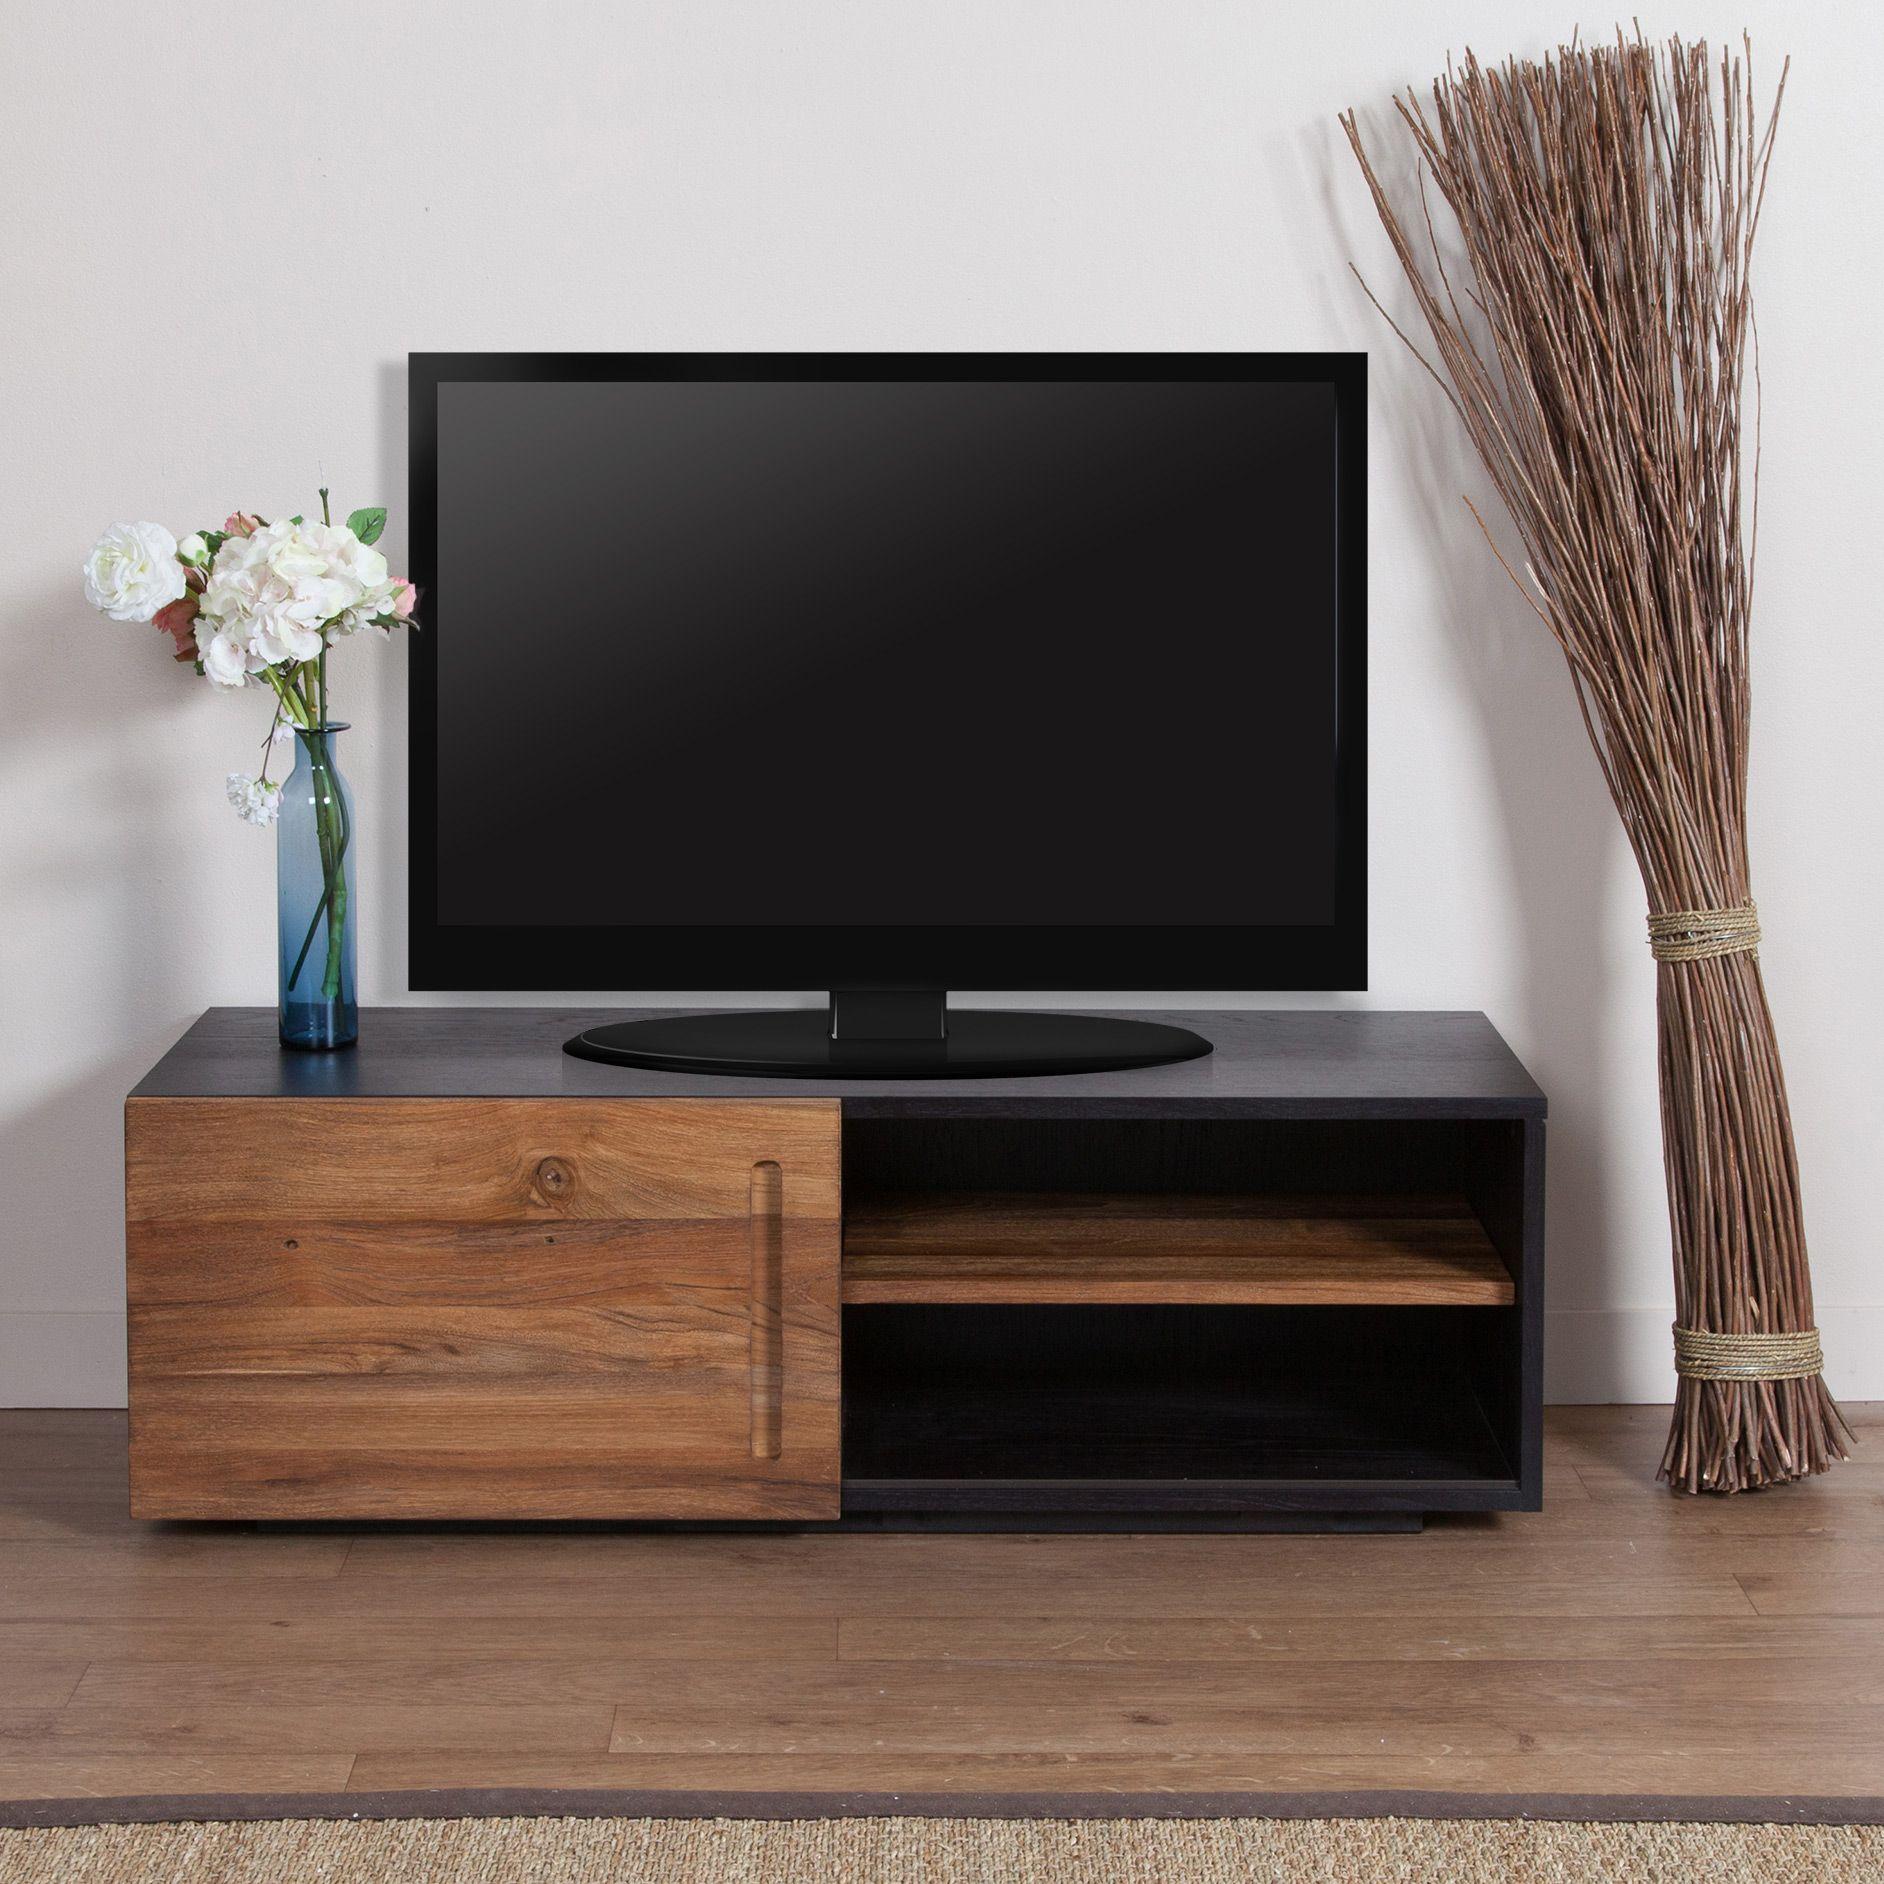 Meuble Tv Bas Portes - Meuble Tv Bas En Teck 1 Porte Coulissante L120xp42xh39 Cm Sotra [mjhdah]http://www.maisonjoffrois.fr/wp-content/uploads/2017/08/146421d6cef28f68fbd1e55071267525.jpg